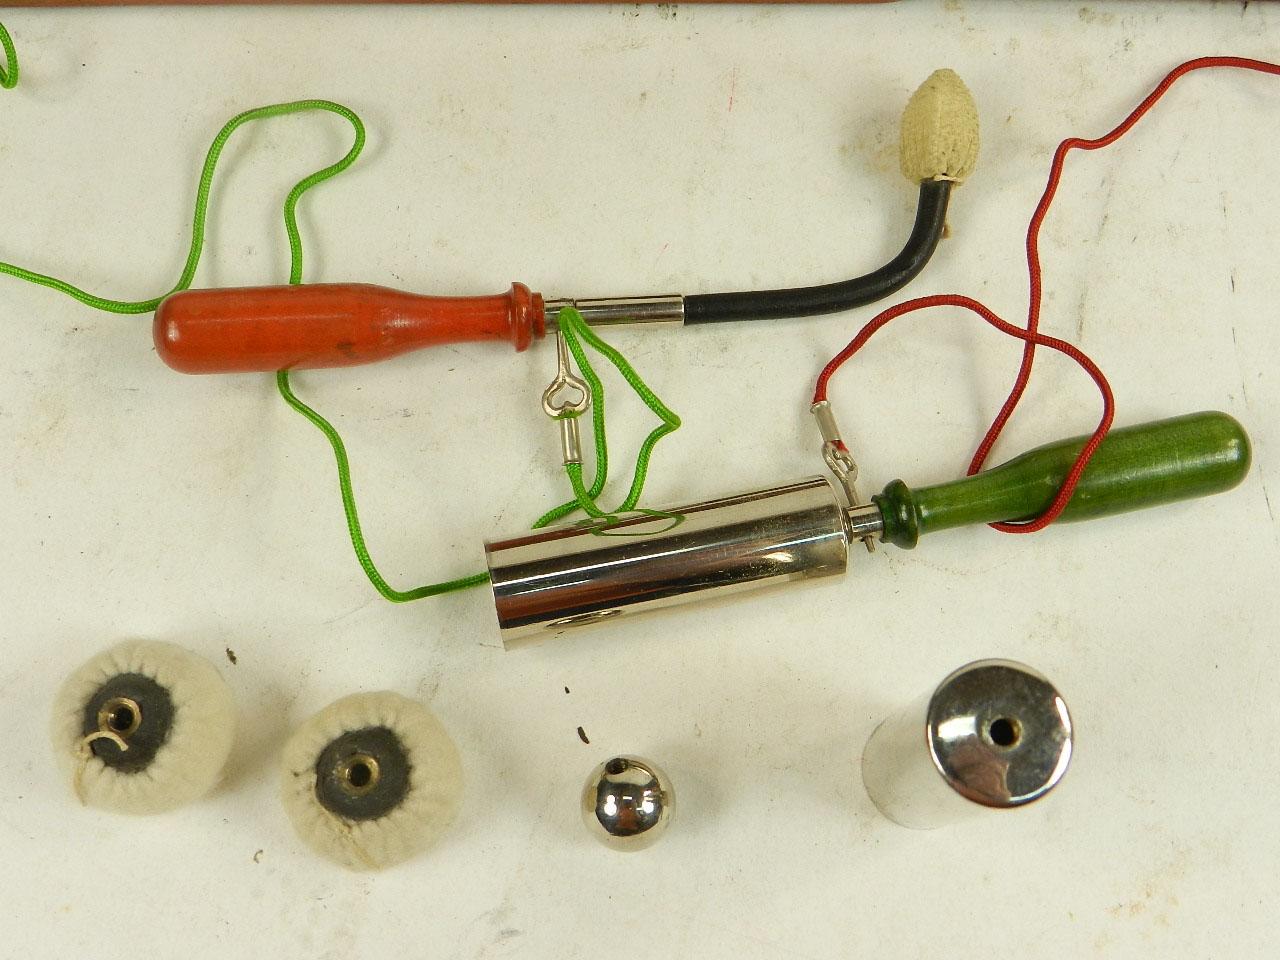 Imagen APARATO DE ELECTROSHOCK AÑO 1900 24407